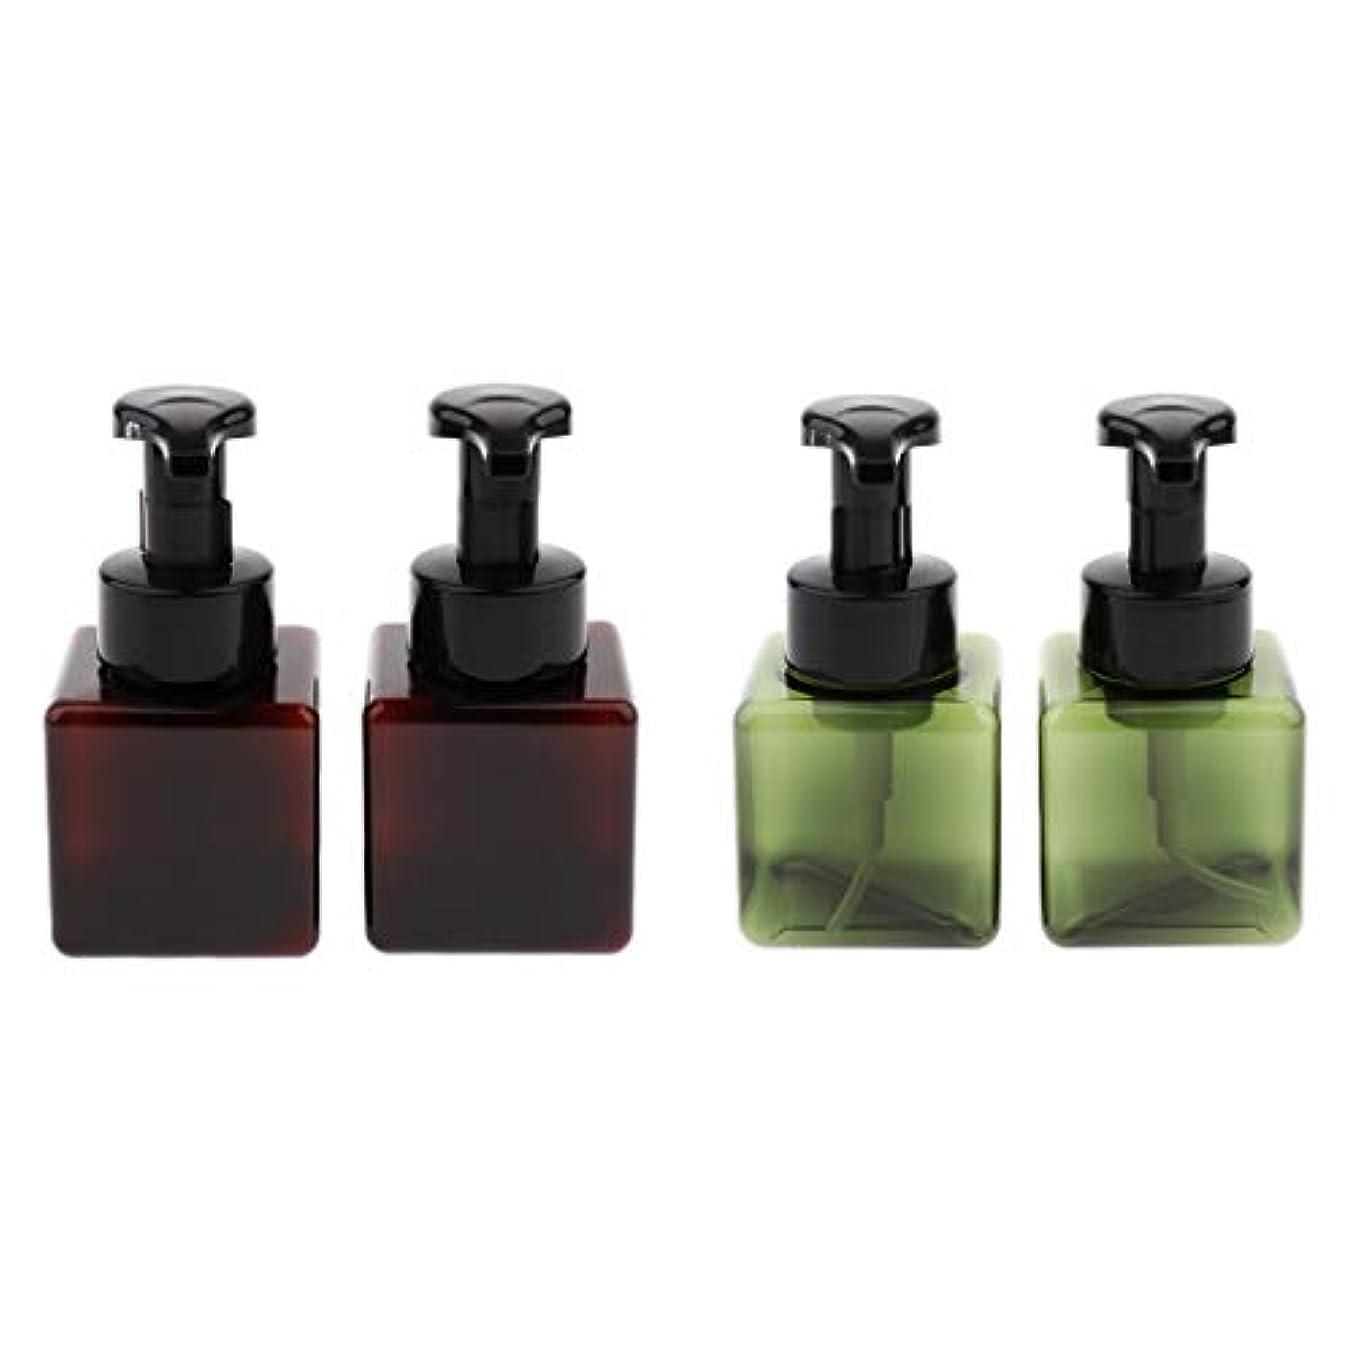 コンプリートピザ拍手するB Blesiya 全5色 4個 250ml 泡ポンプボトル 空ボトル 詰替ボトル 小分けボトル ディスペンサー 多用途 - ダークグリーン+ブラウン